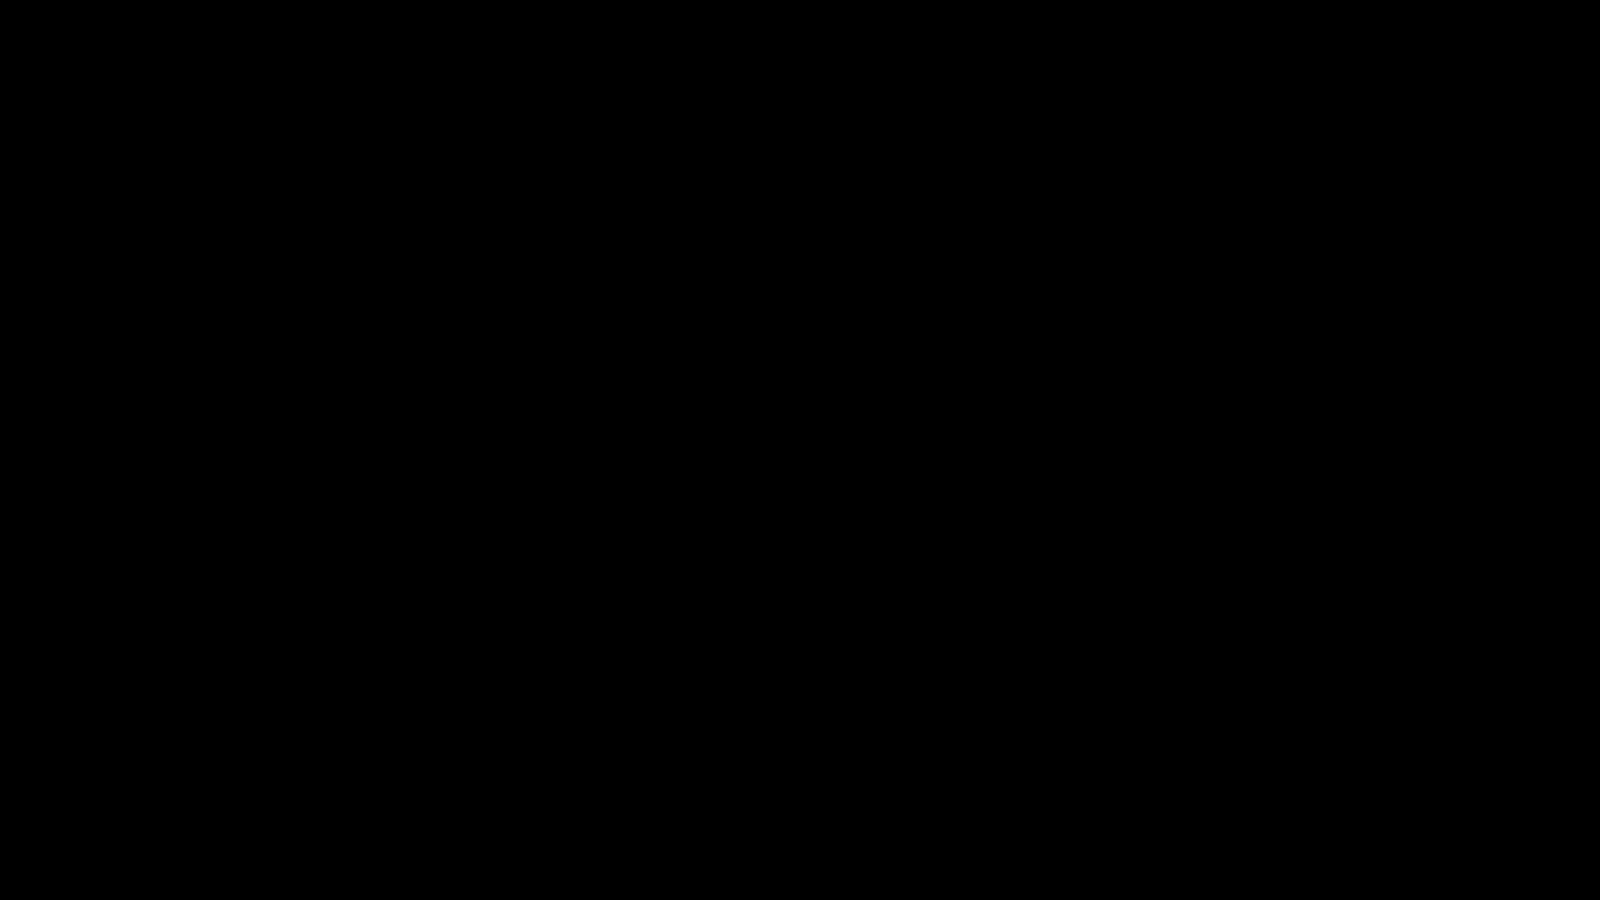 spd07bestof010